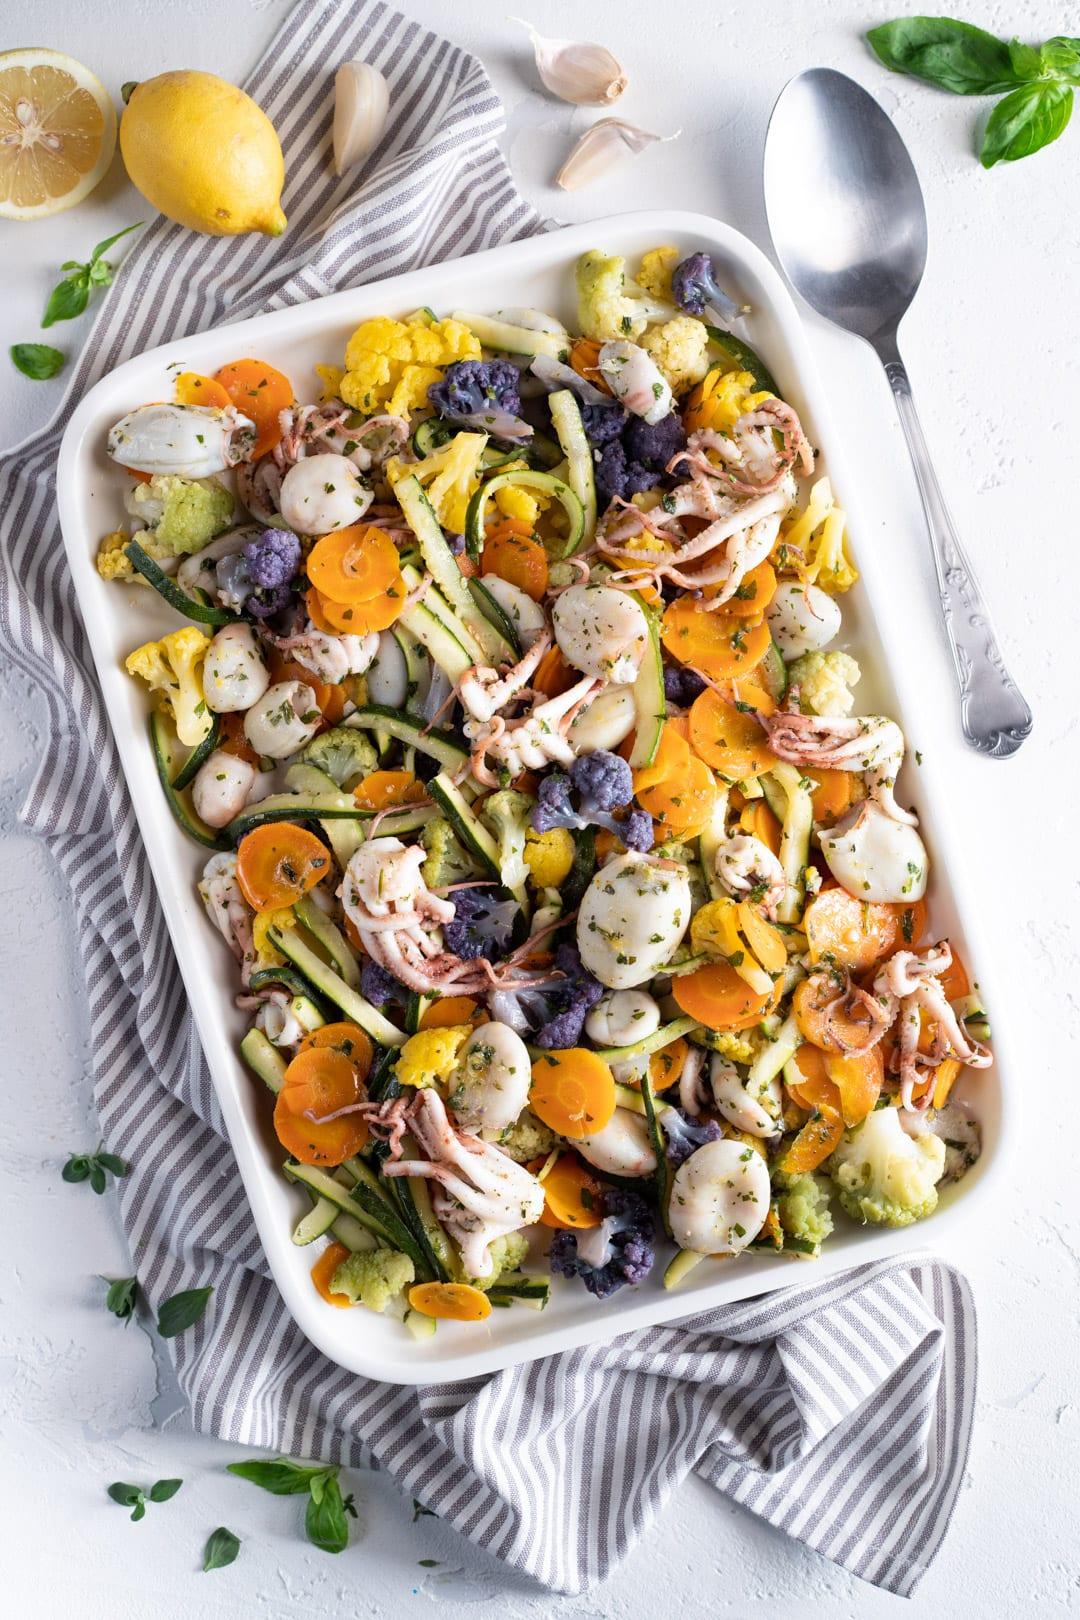 Moscardini con verdure al vapore con cucchiaio pronti da servire in tavola